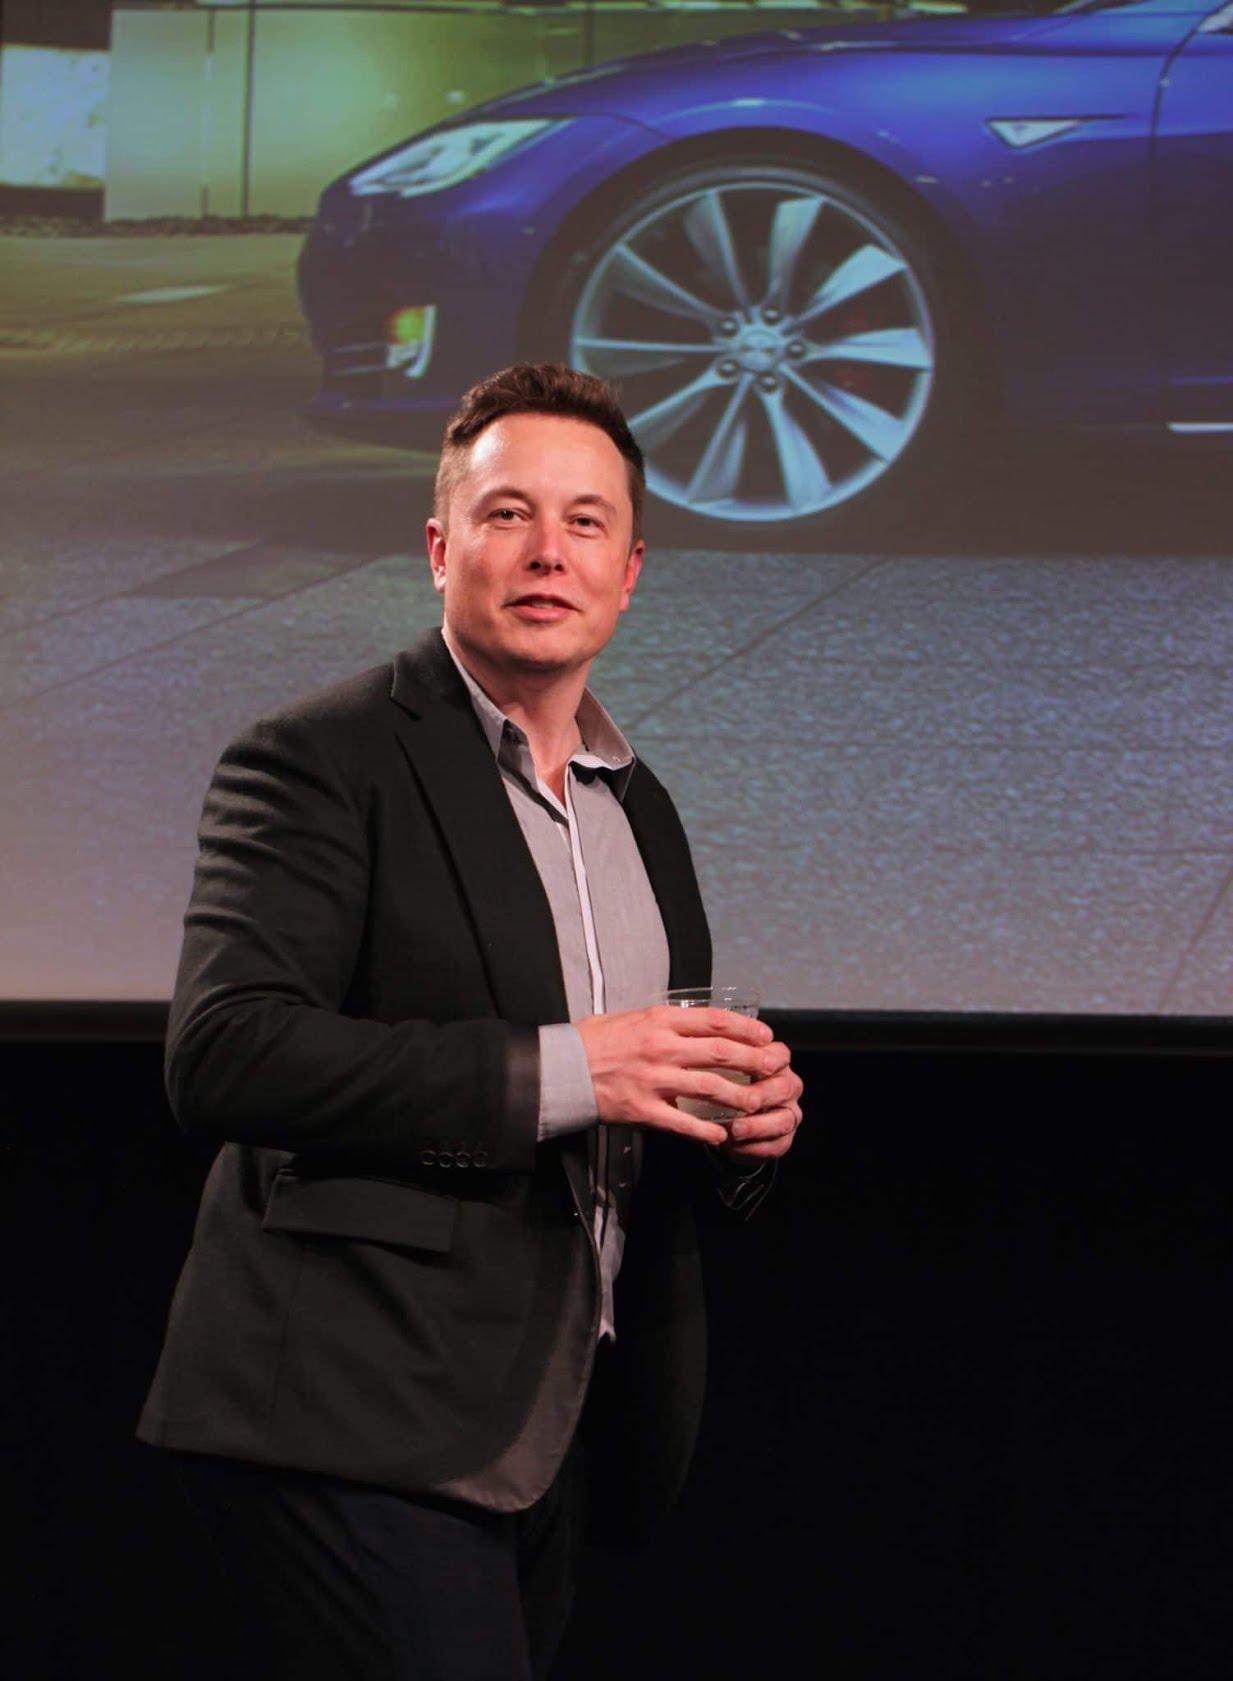 Elon Musk en 2015 - (c) Steve Jurvetson